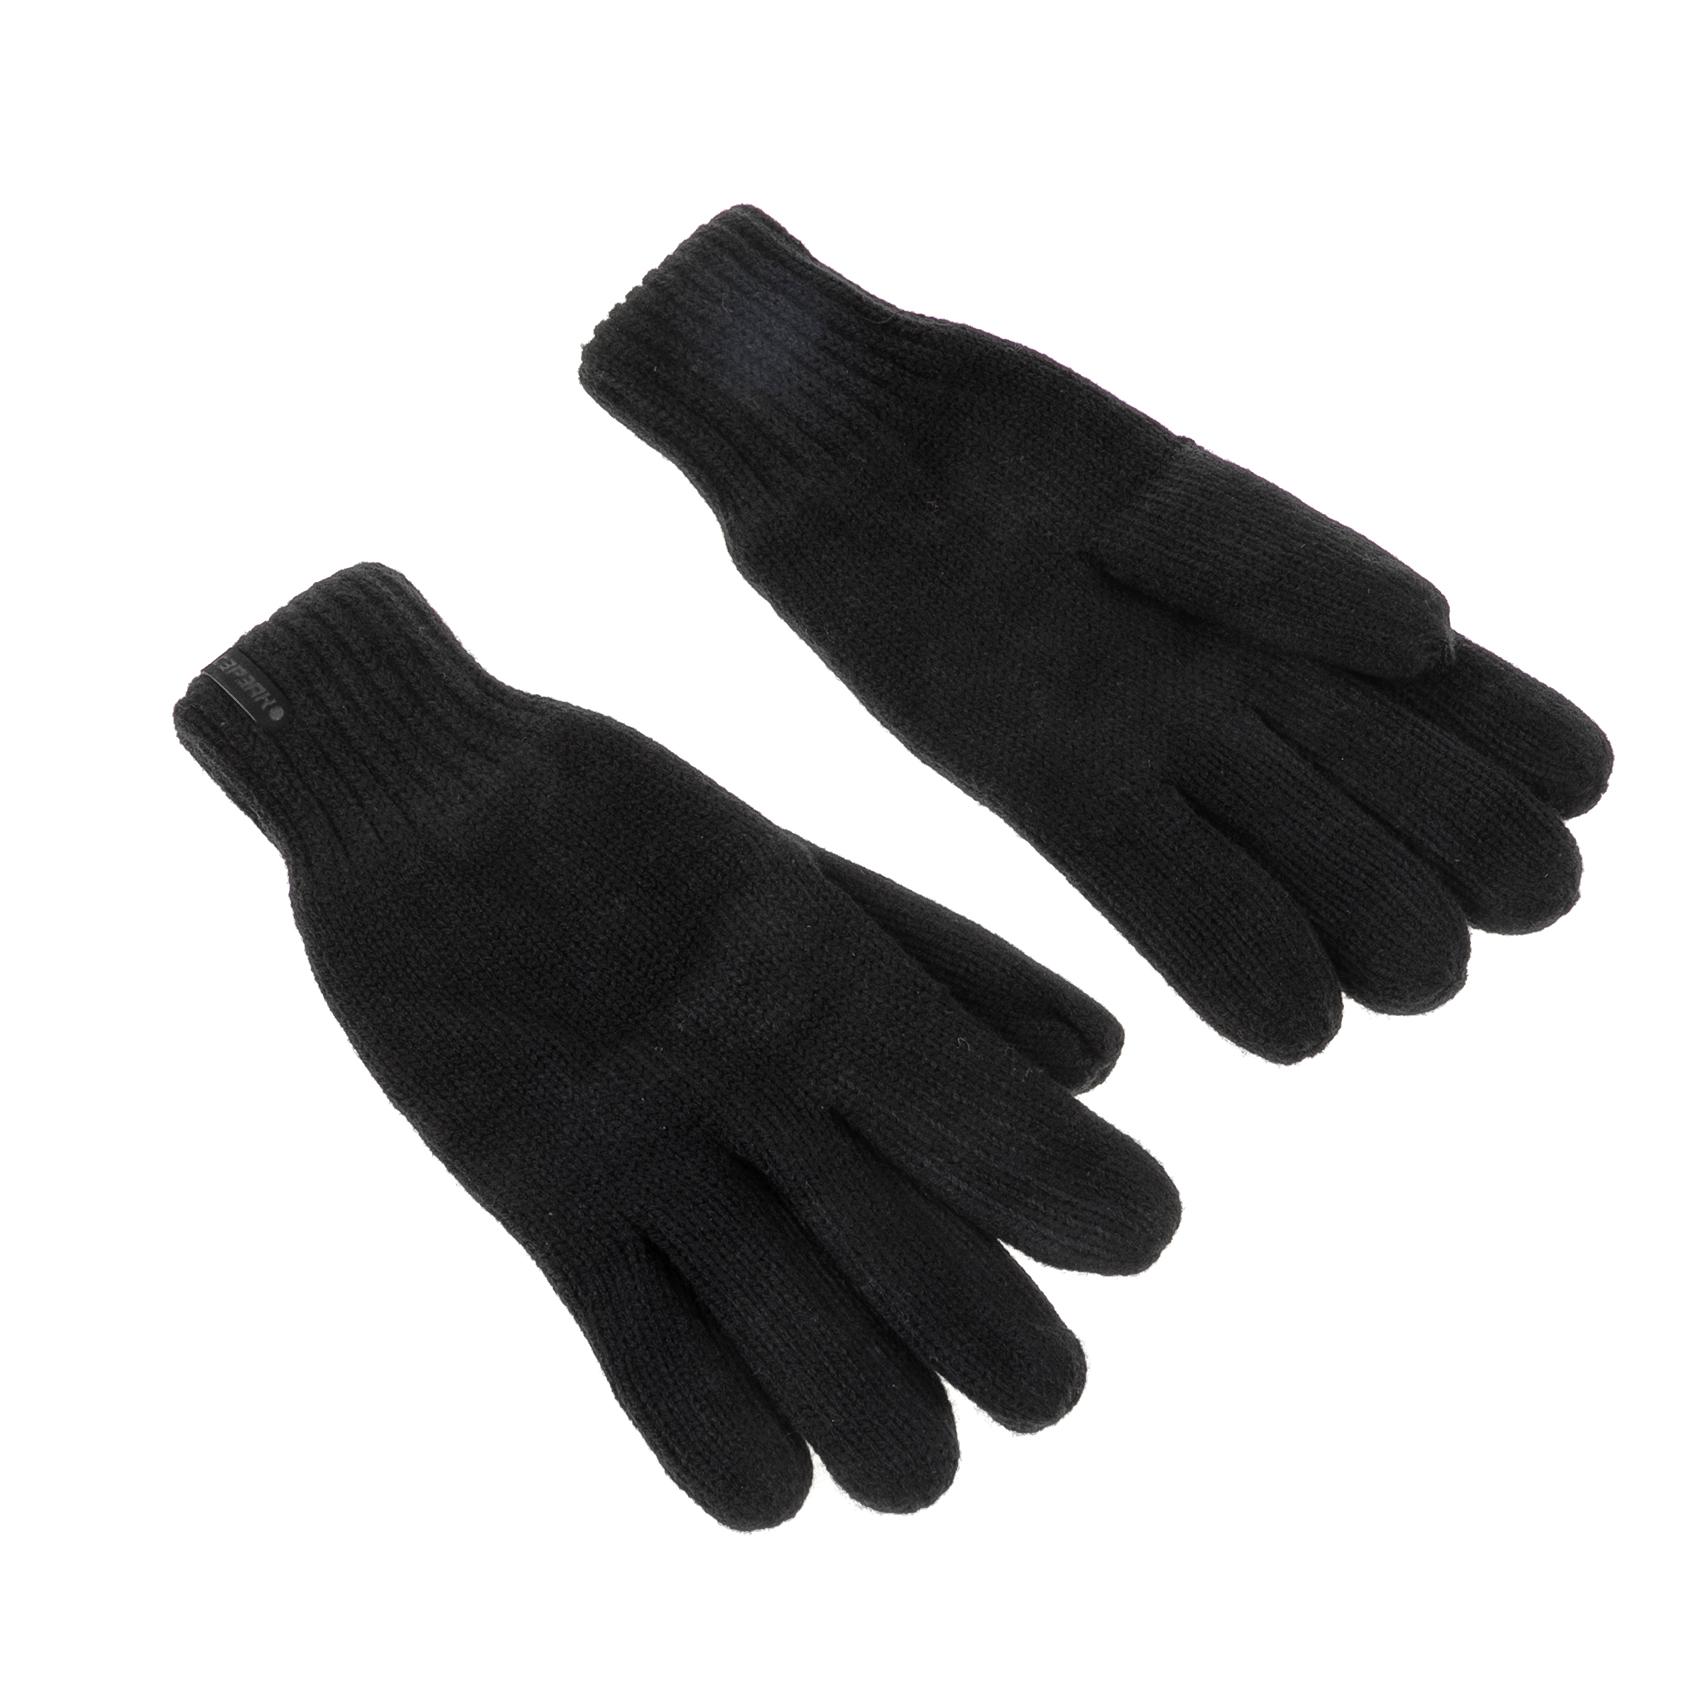 ICE PEAK - Ανδρικά γάντια Ice Peak ISTO μαύρα